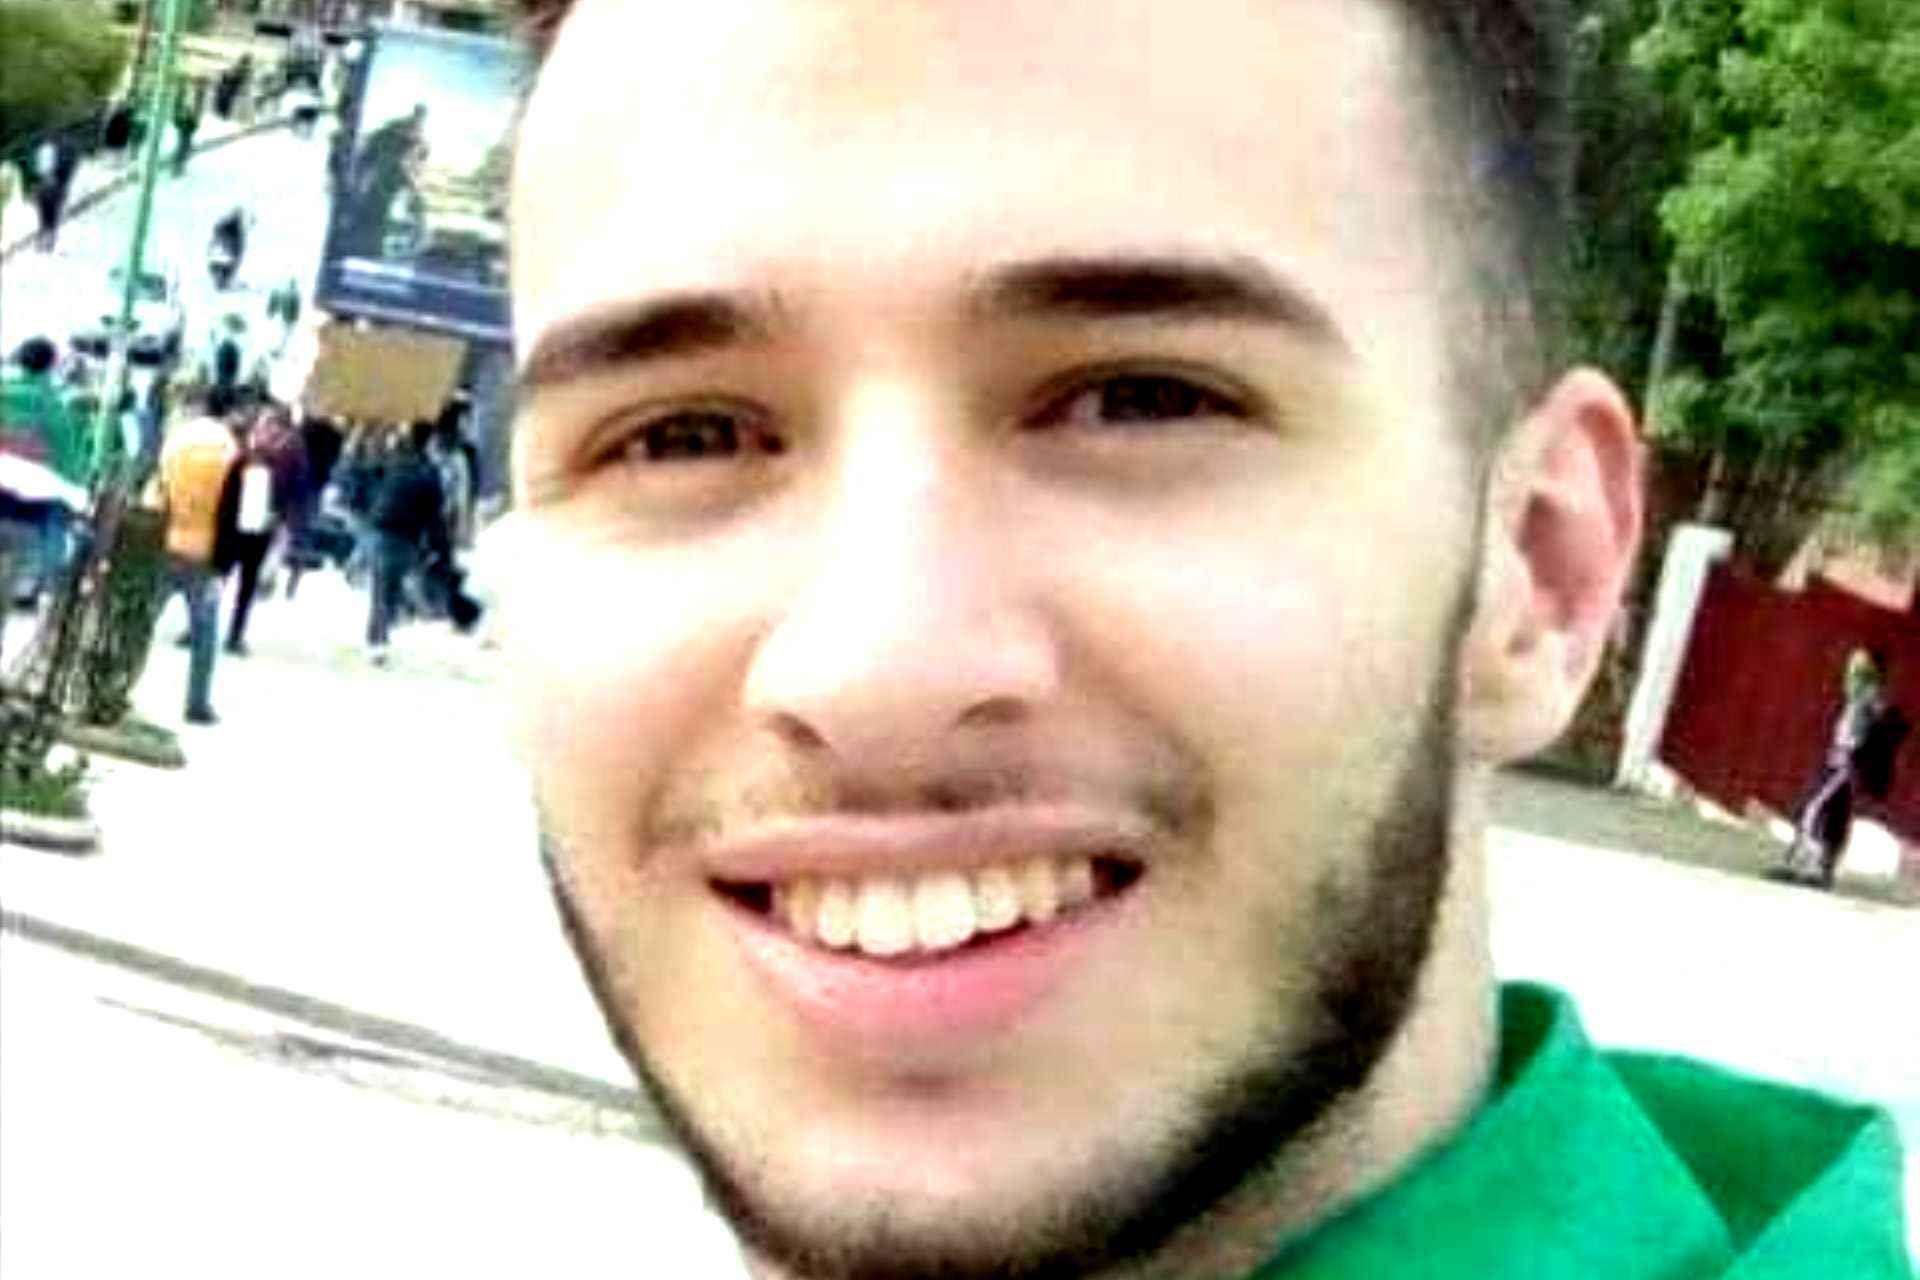 Le détenu d'opinion et étudiant en médecine dentaire, Smail Chebili, quitte la prison d'El Harrach demain dimanche